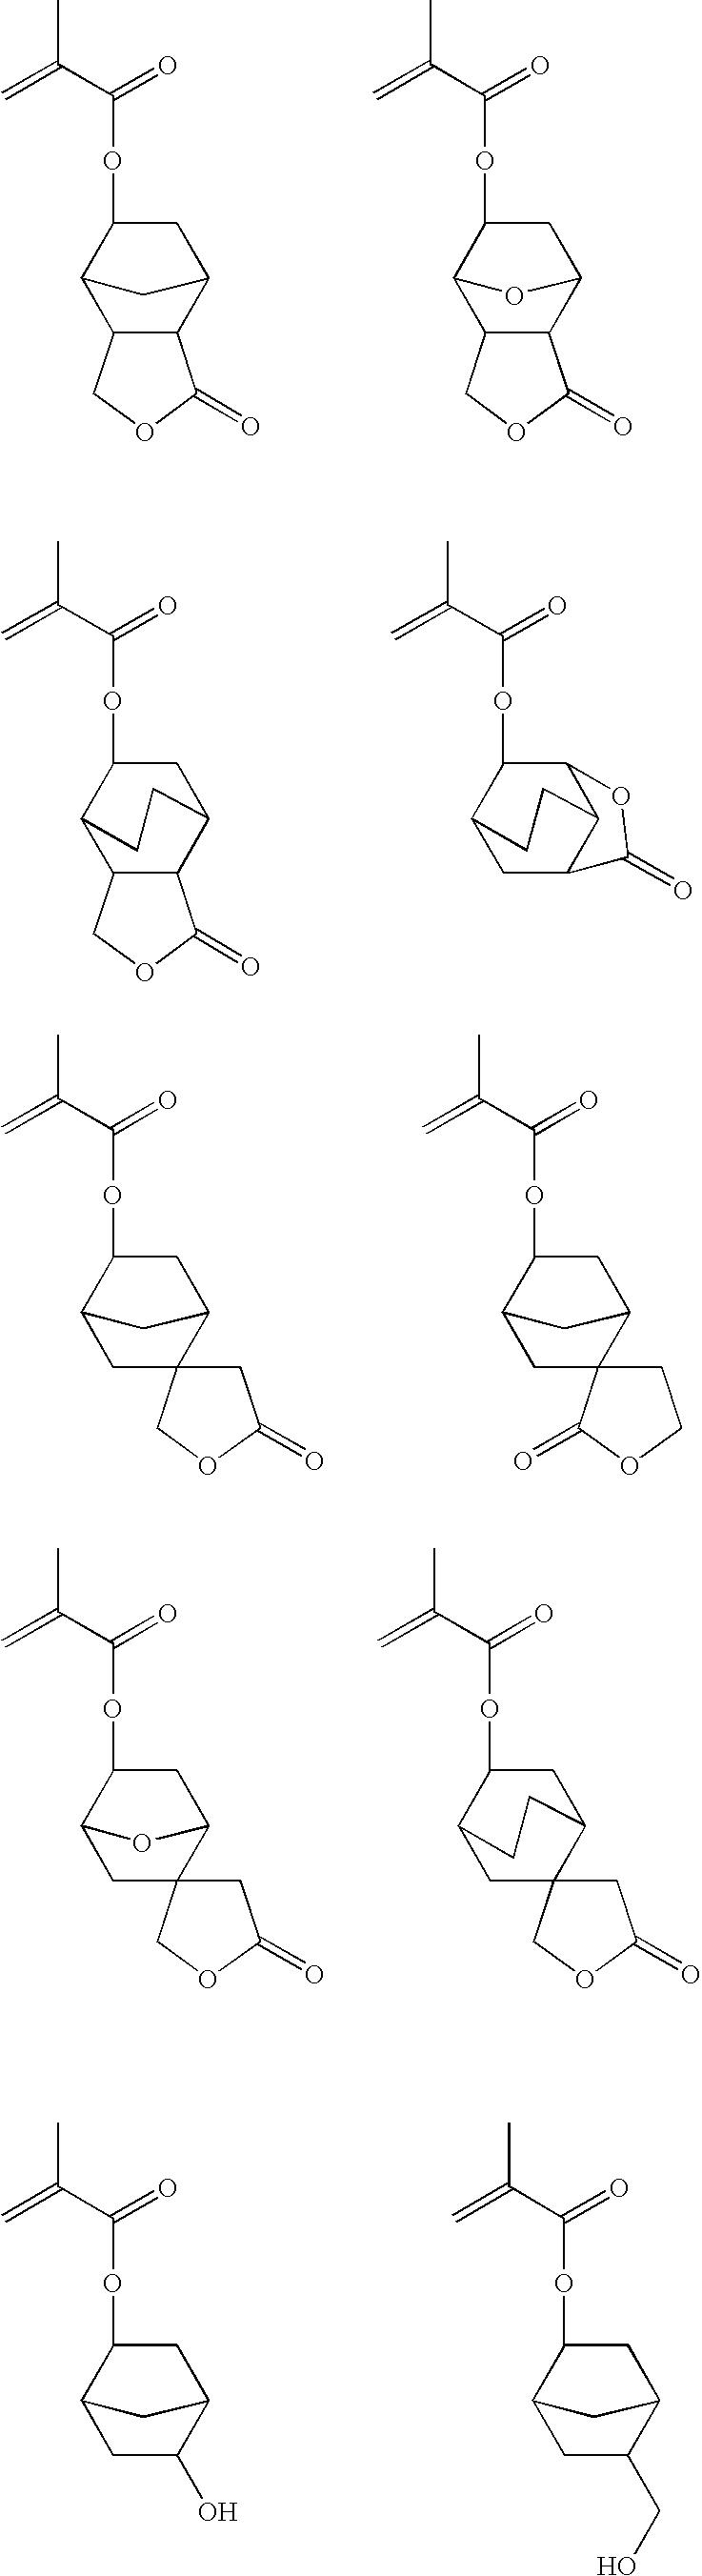 Figure US07368218-20080506-C00033